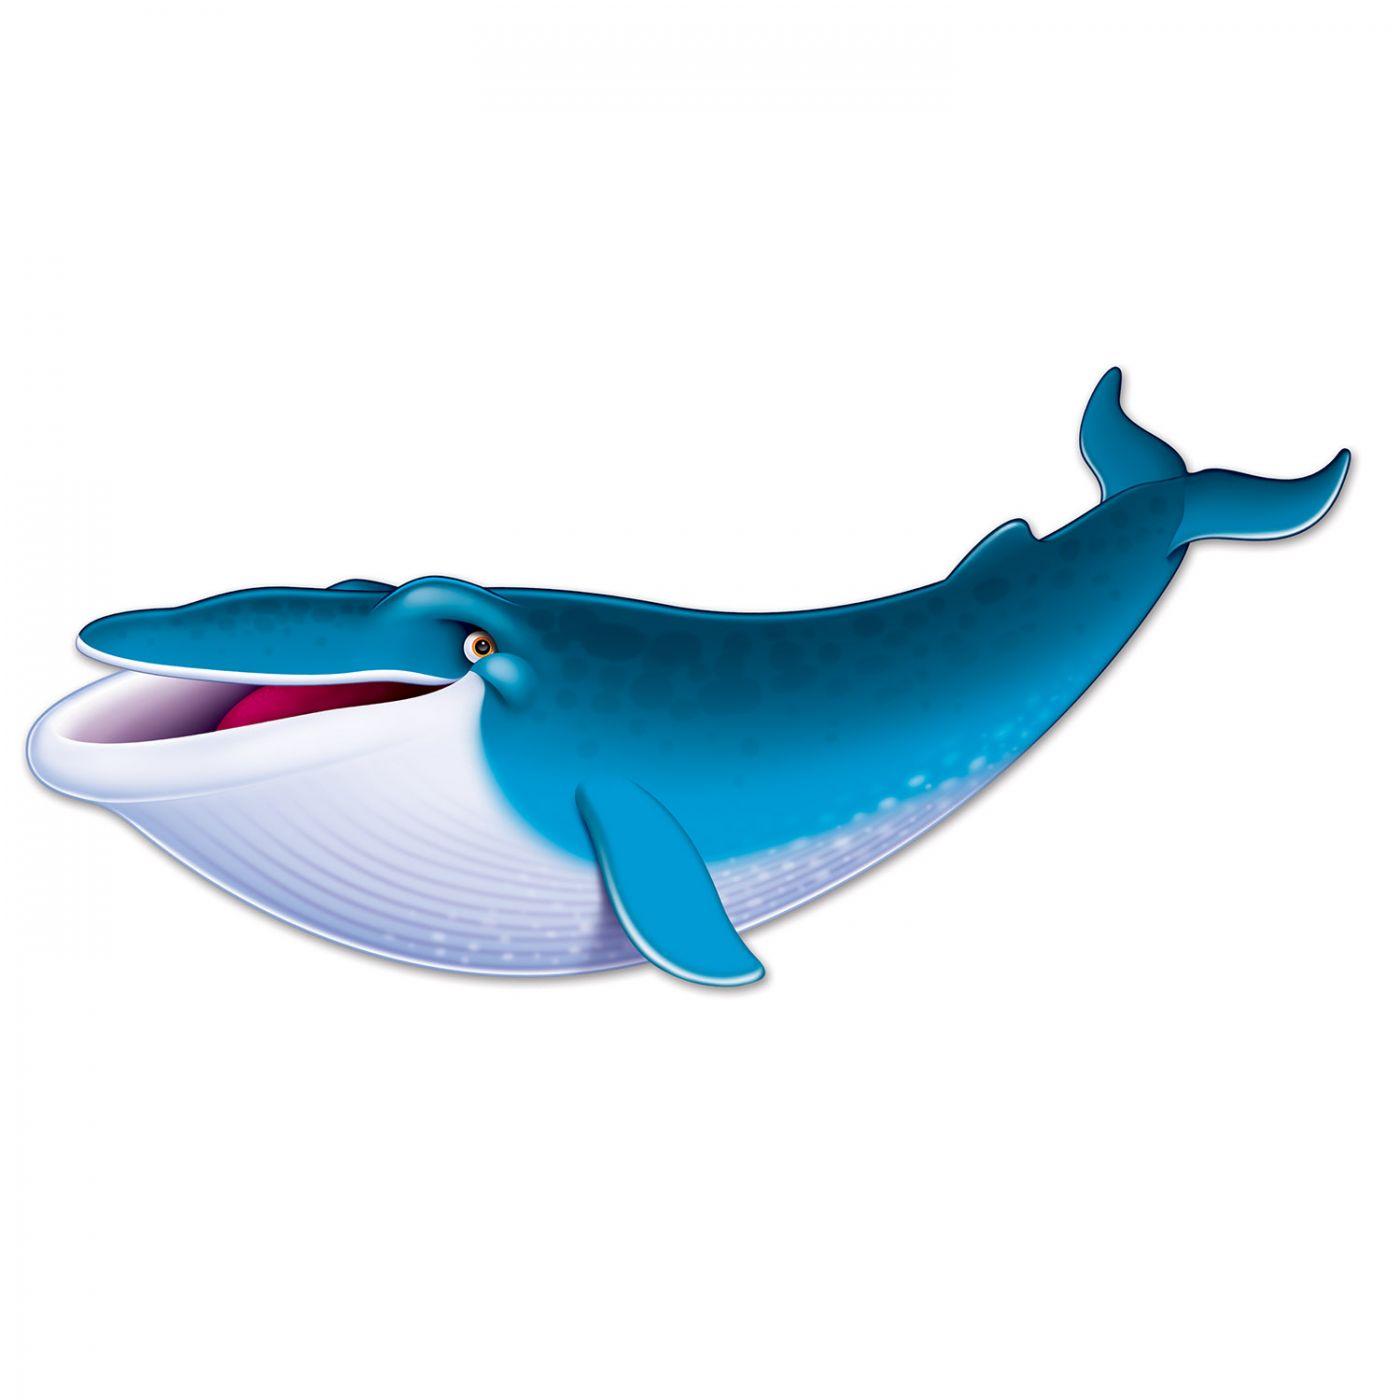 Blue Whale Cutout image